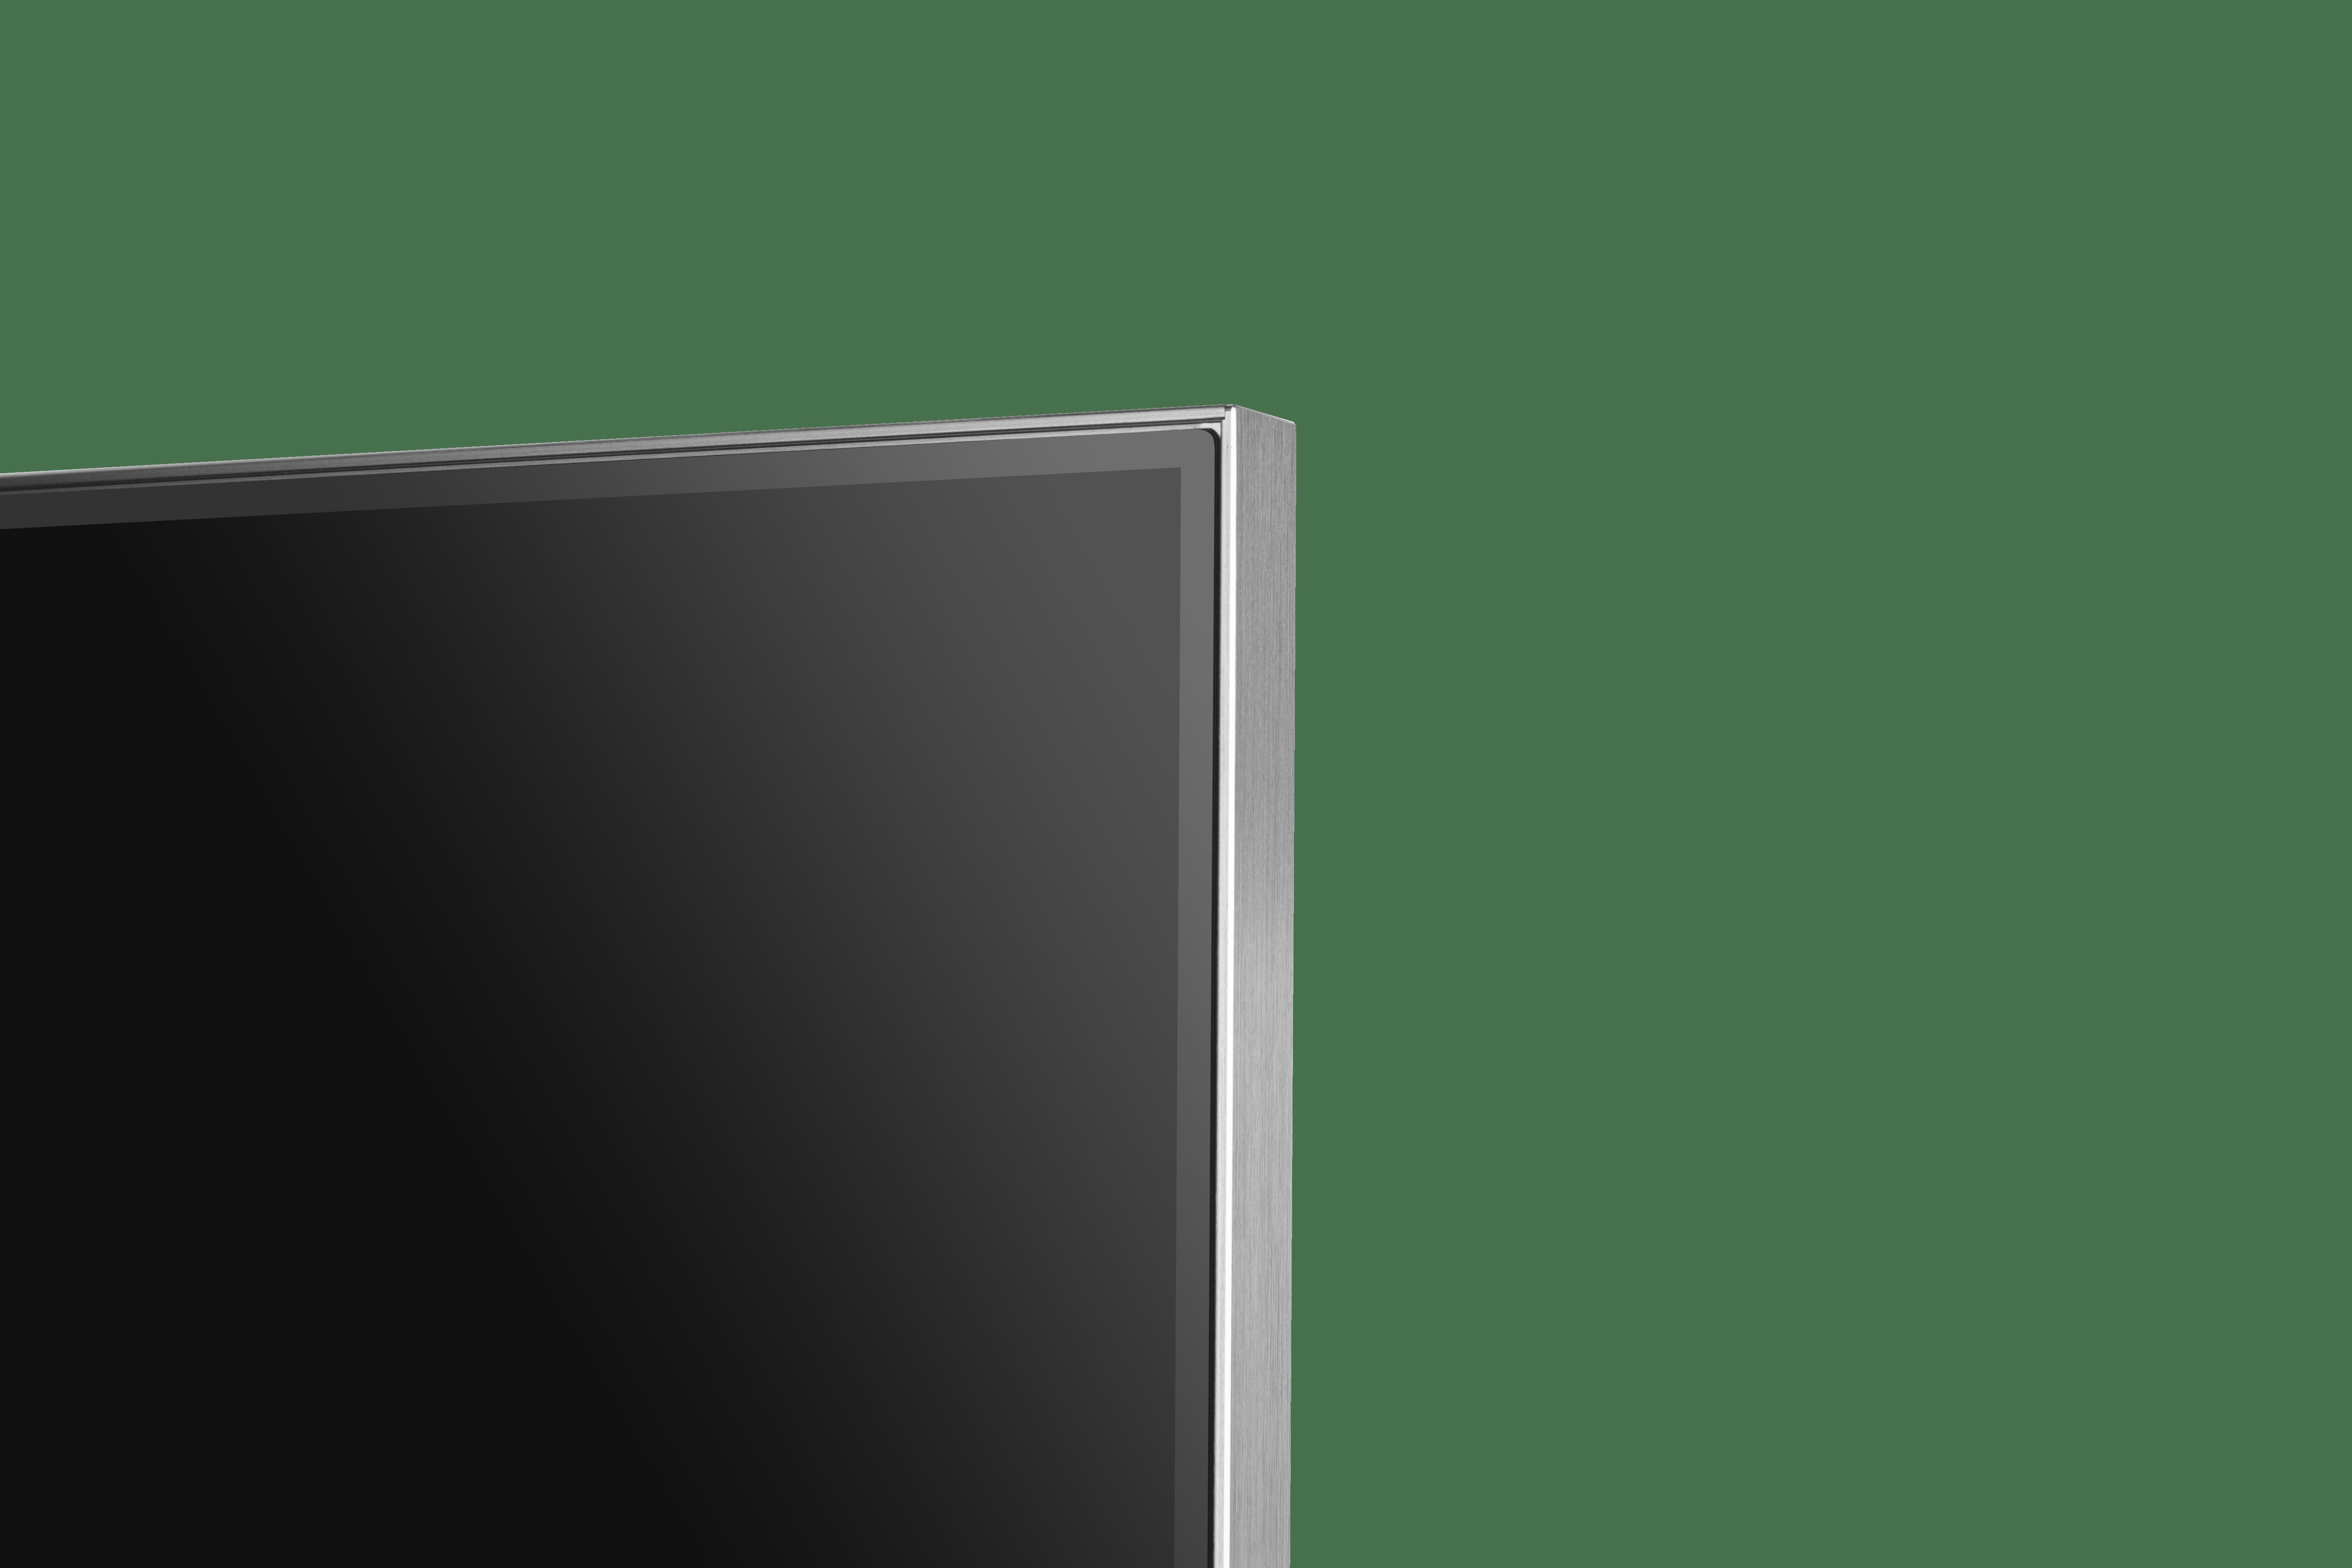 Bordure métalique du téléviseur TCL Série 6 2020.